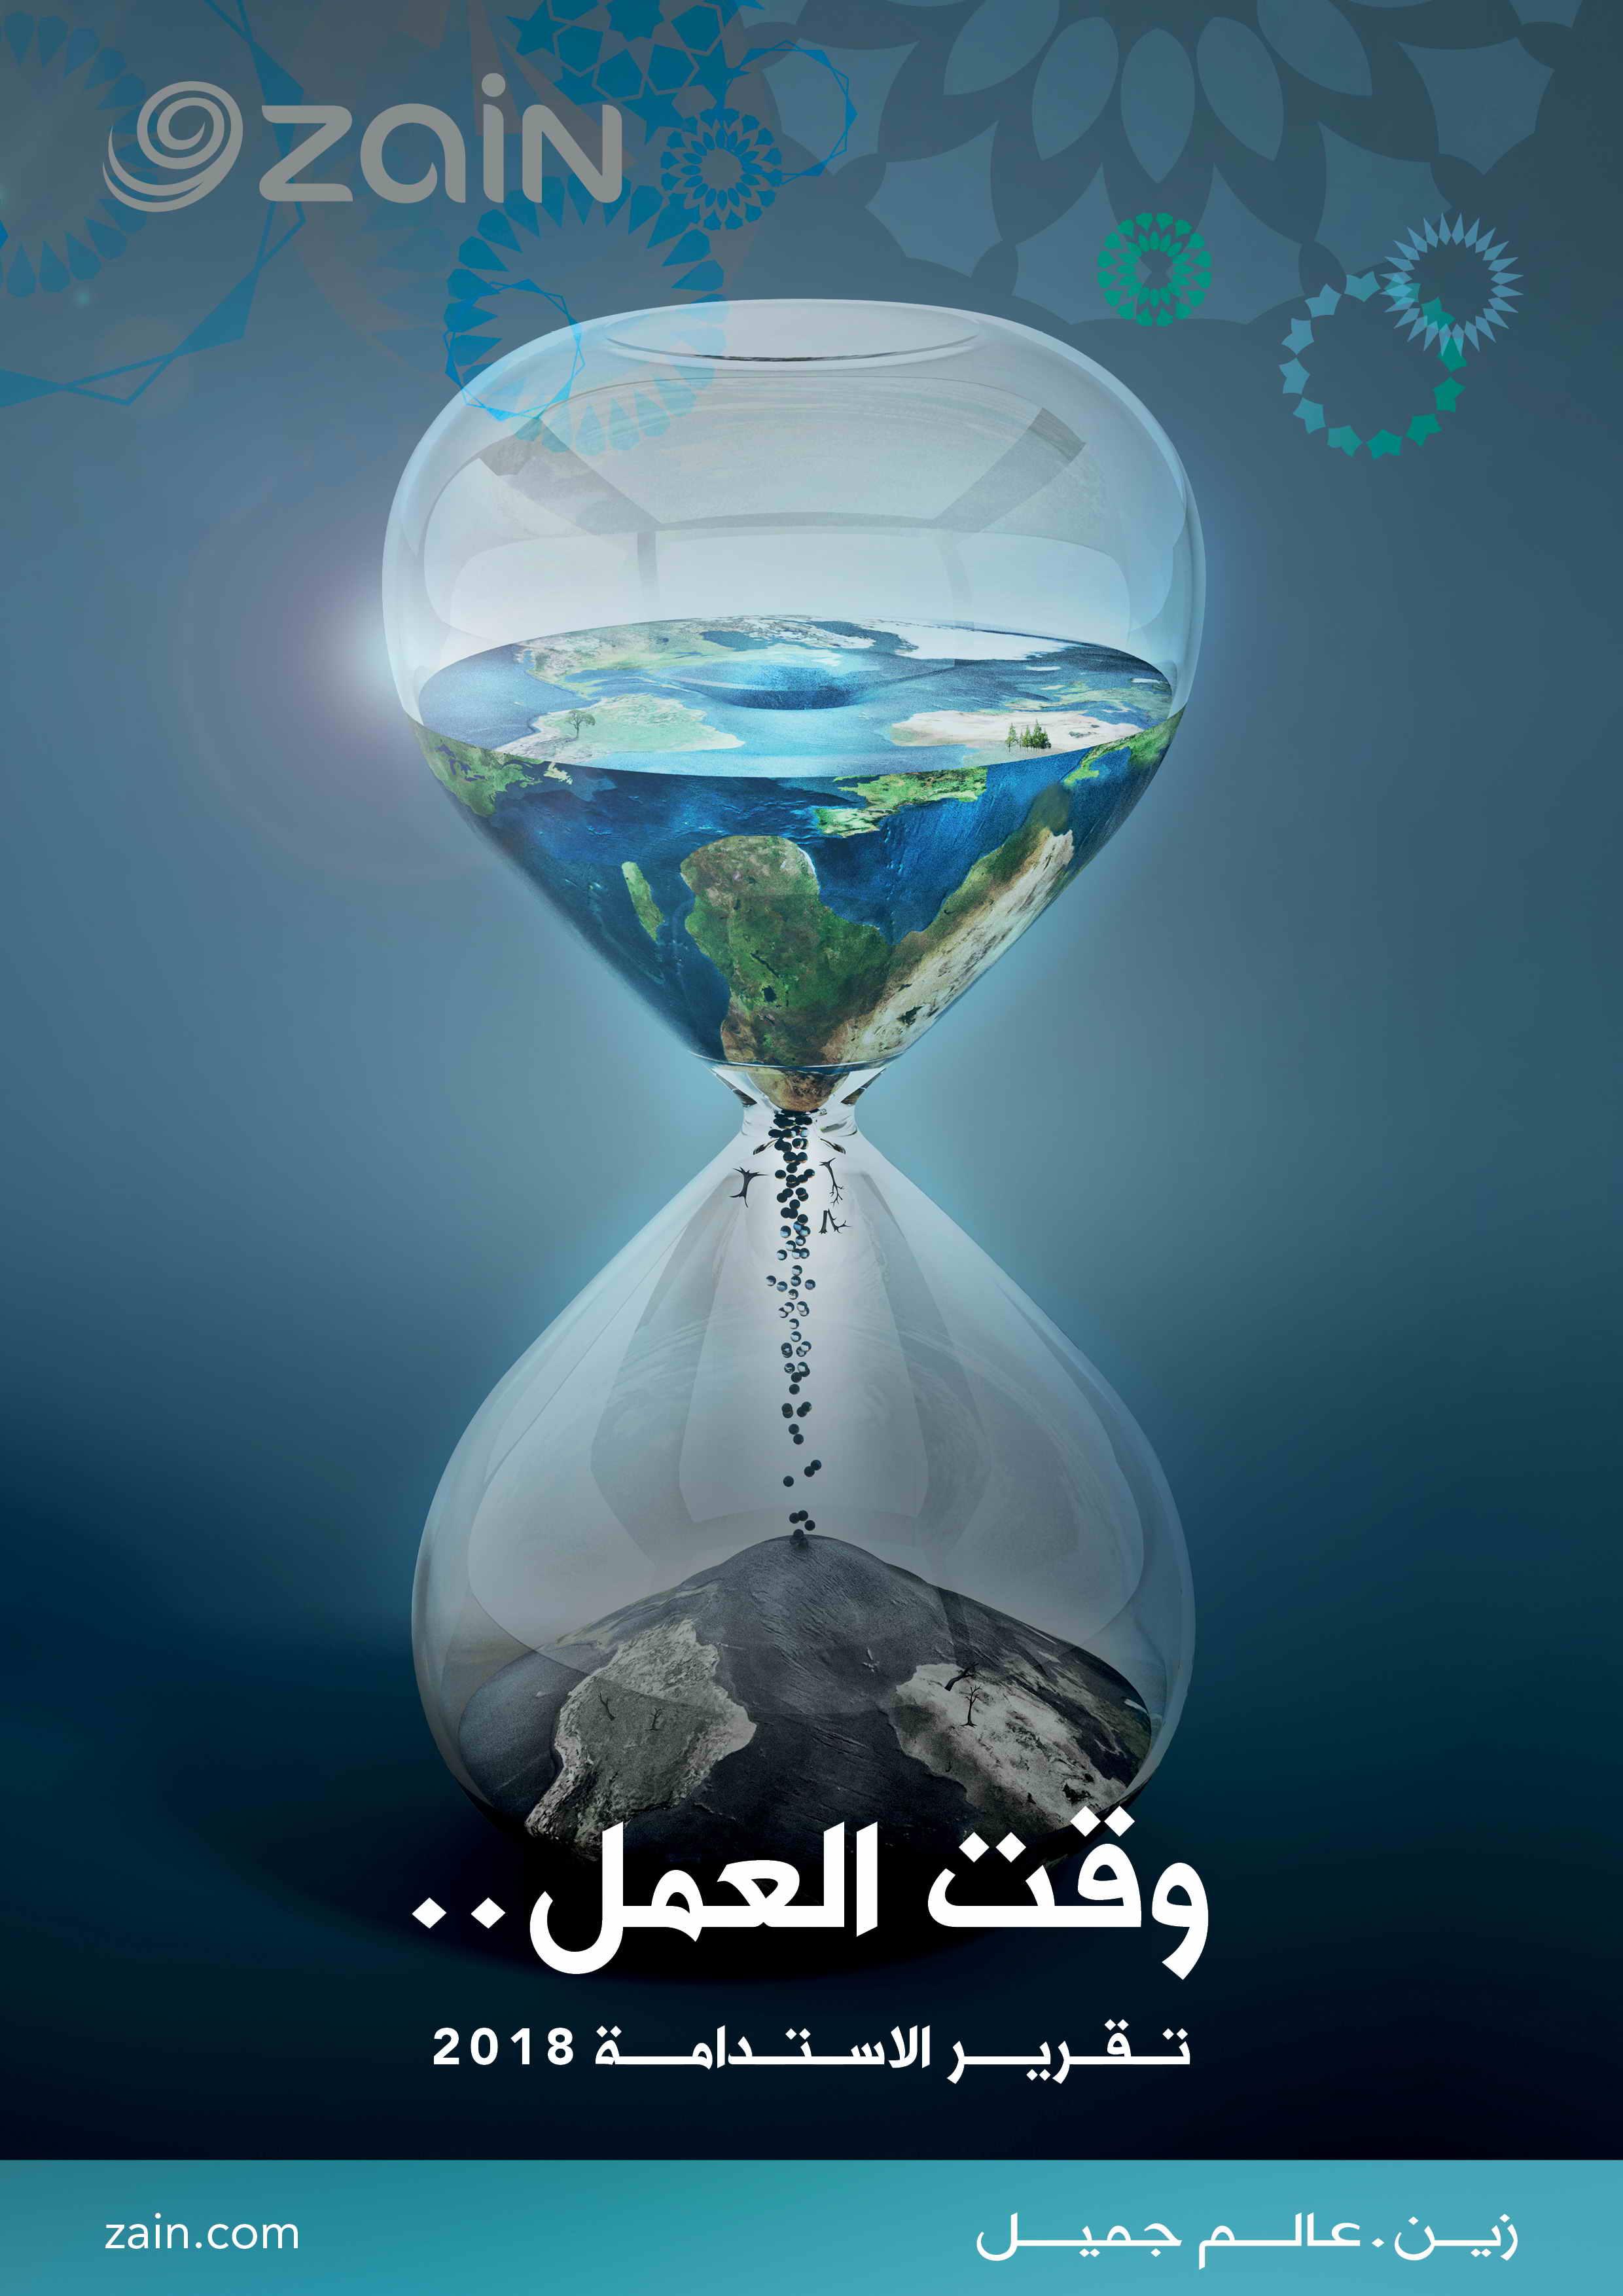 زين تنشر تقريرها السنوي الثامن حول الاستدامة تحت عنوان